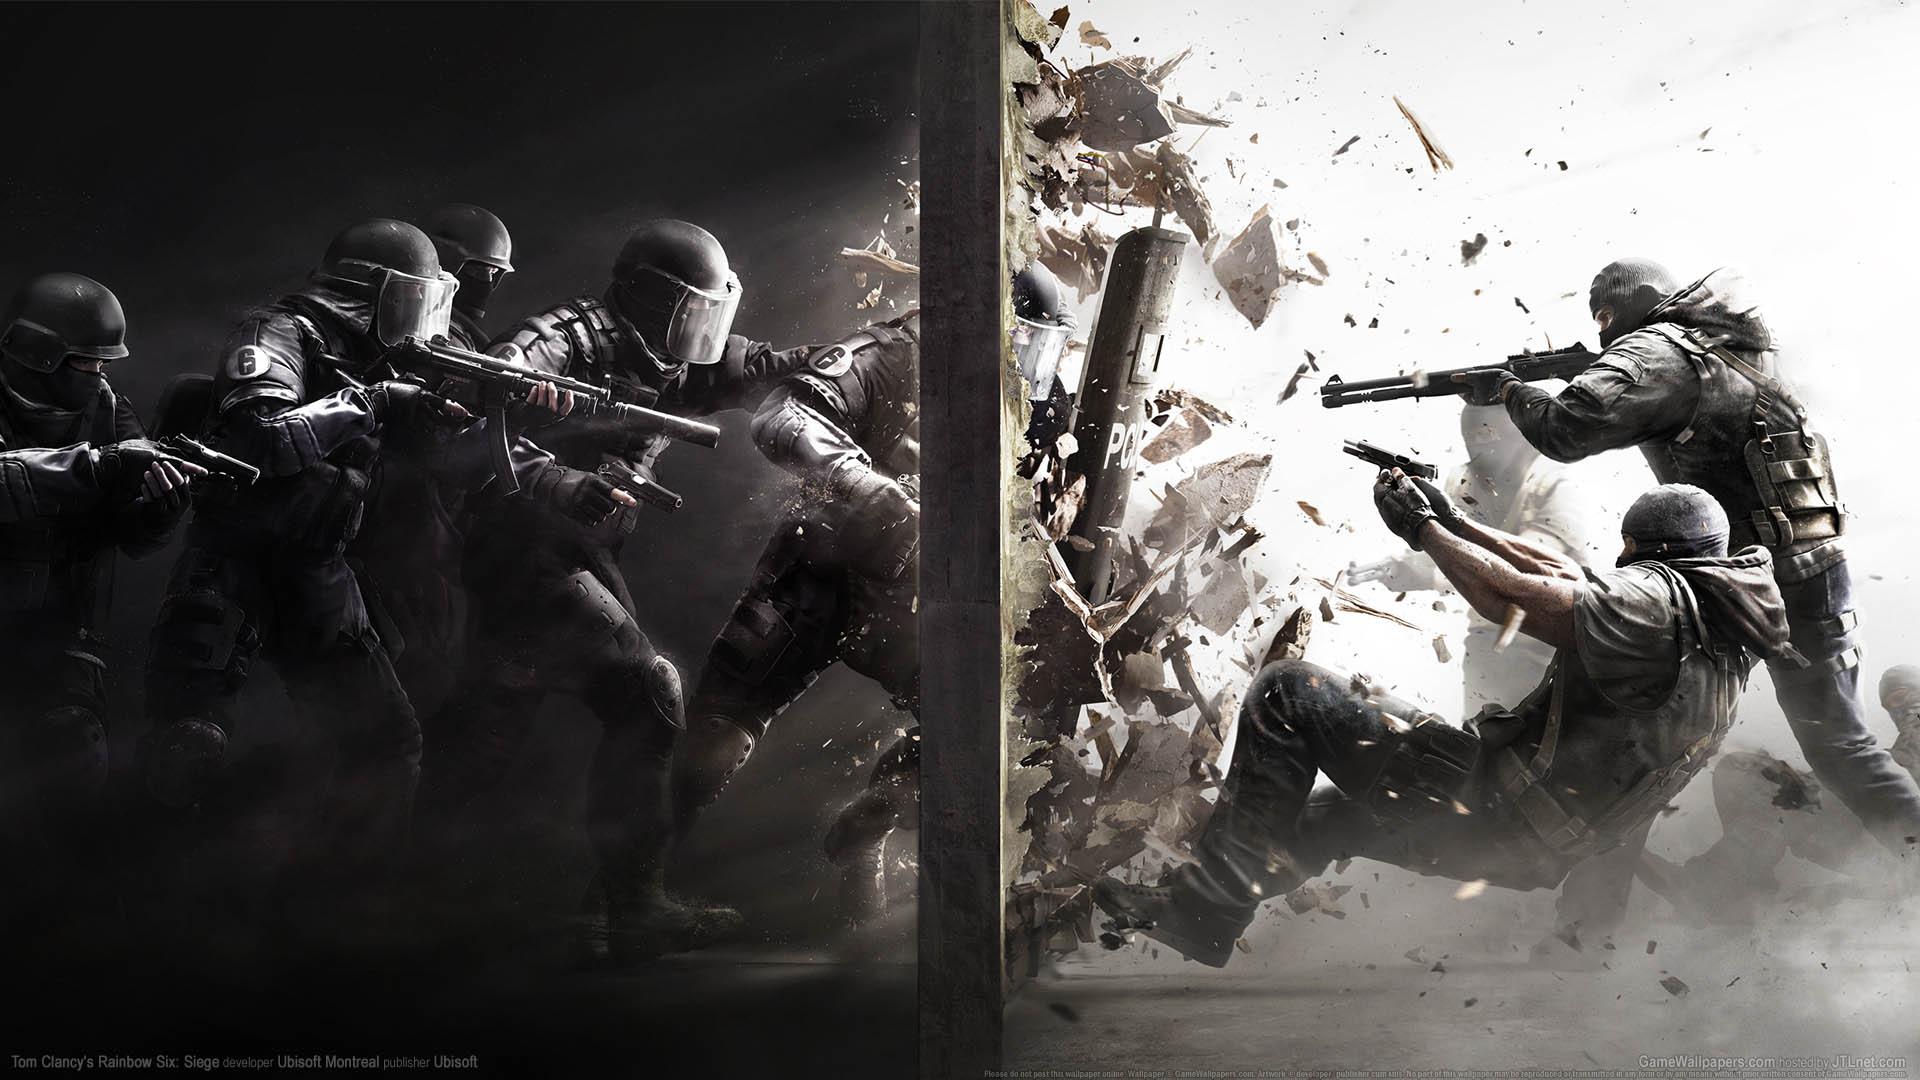 Tom Clancy's Rainbow Six: Siege wallpaper 01 1920x1080